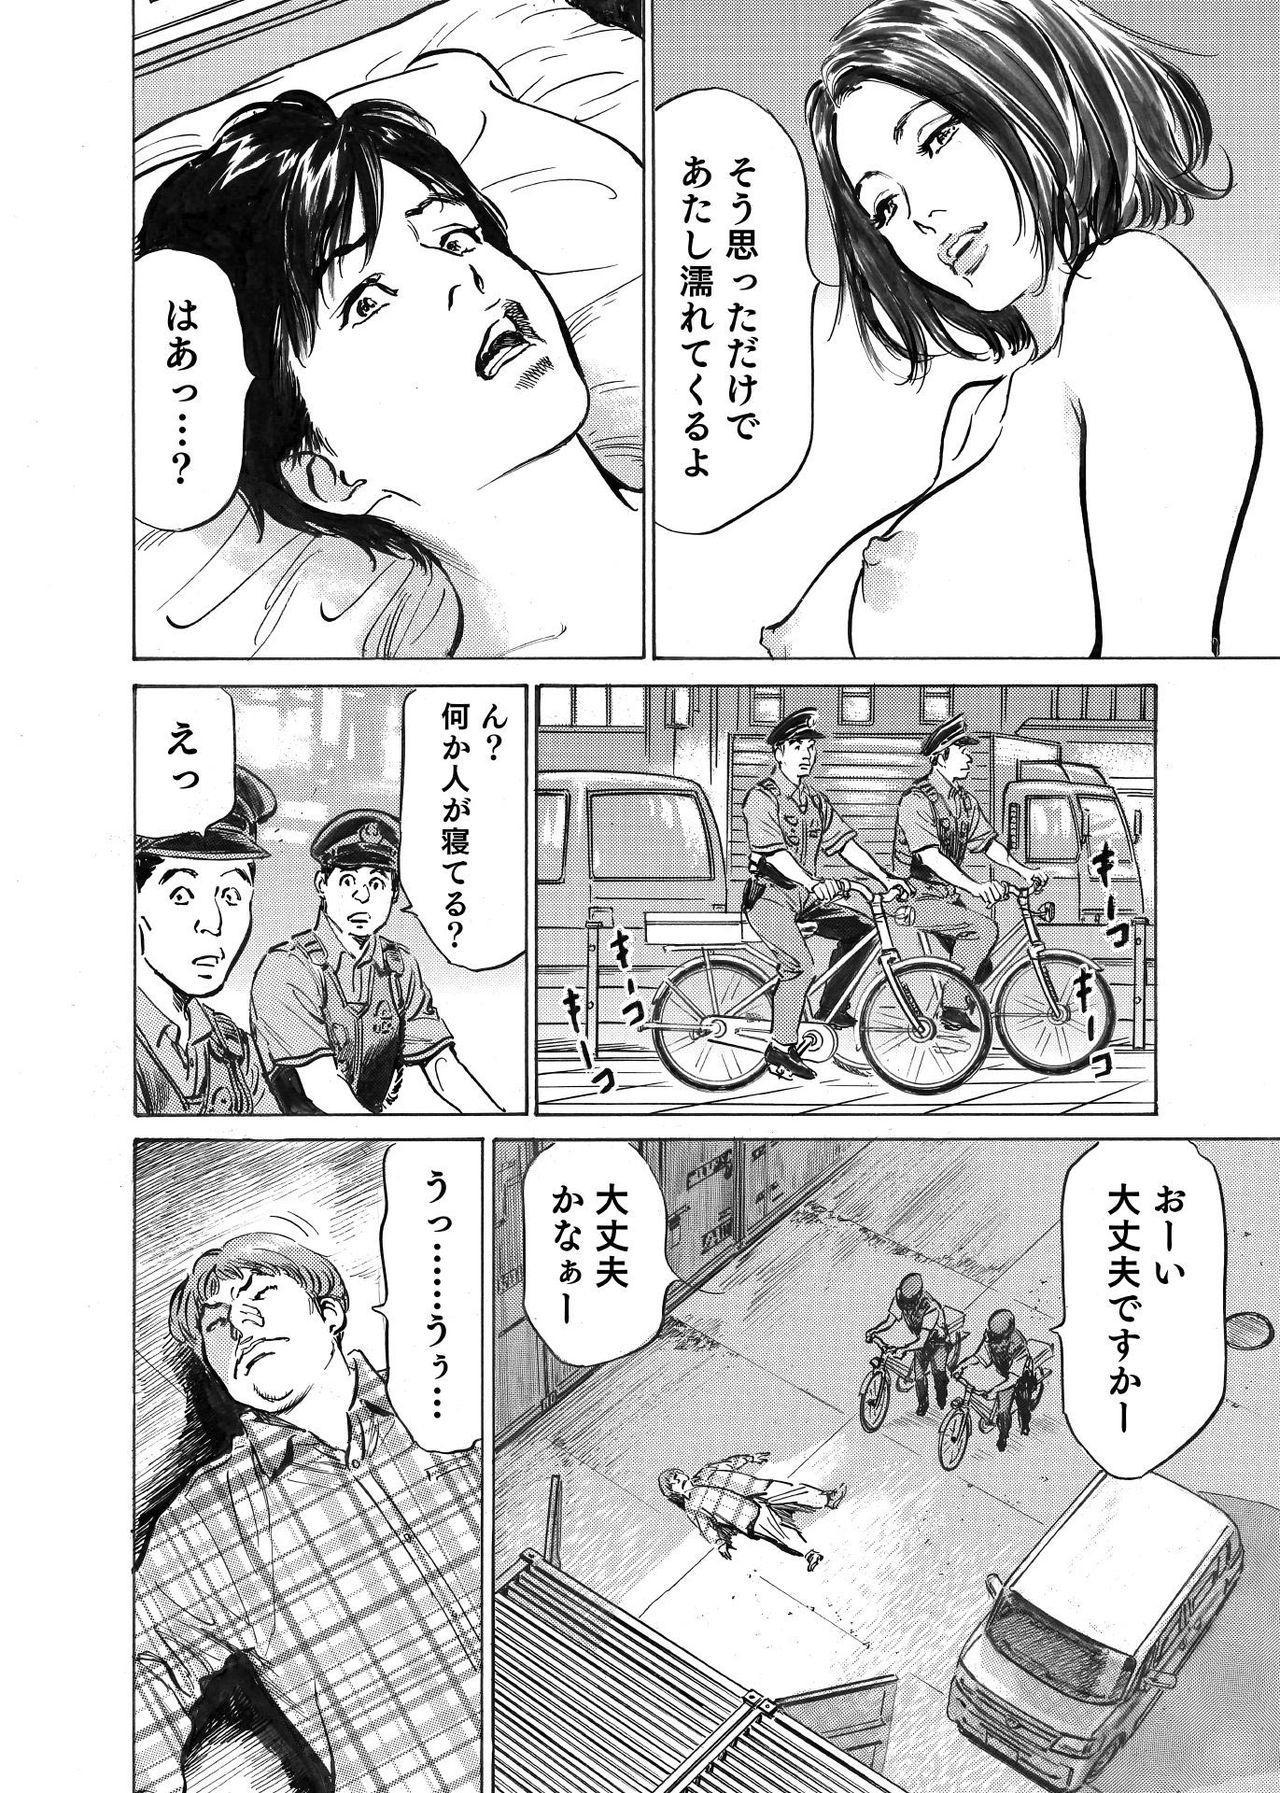 Ore wa Tsuma no Koto o Yoku Shiranai 1-9 67